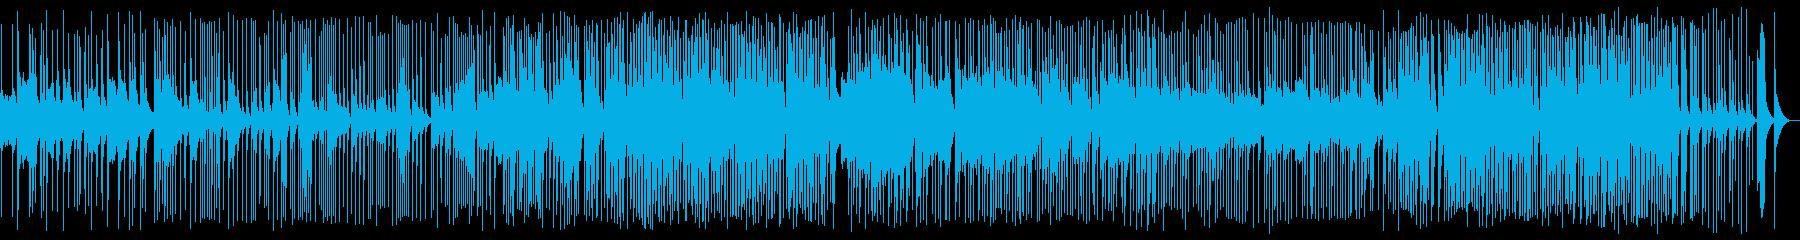 六段の調 シンプルな箏の音色の再生済みの波形